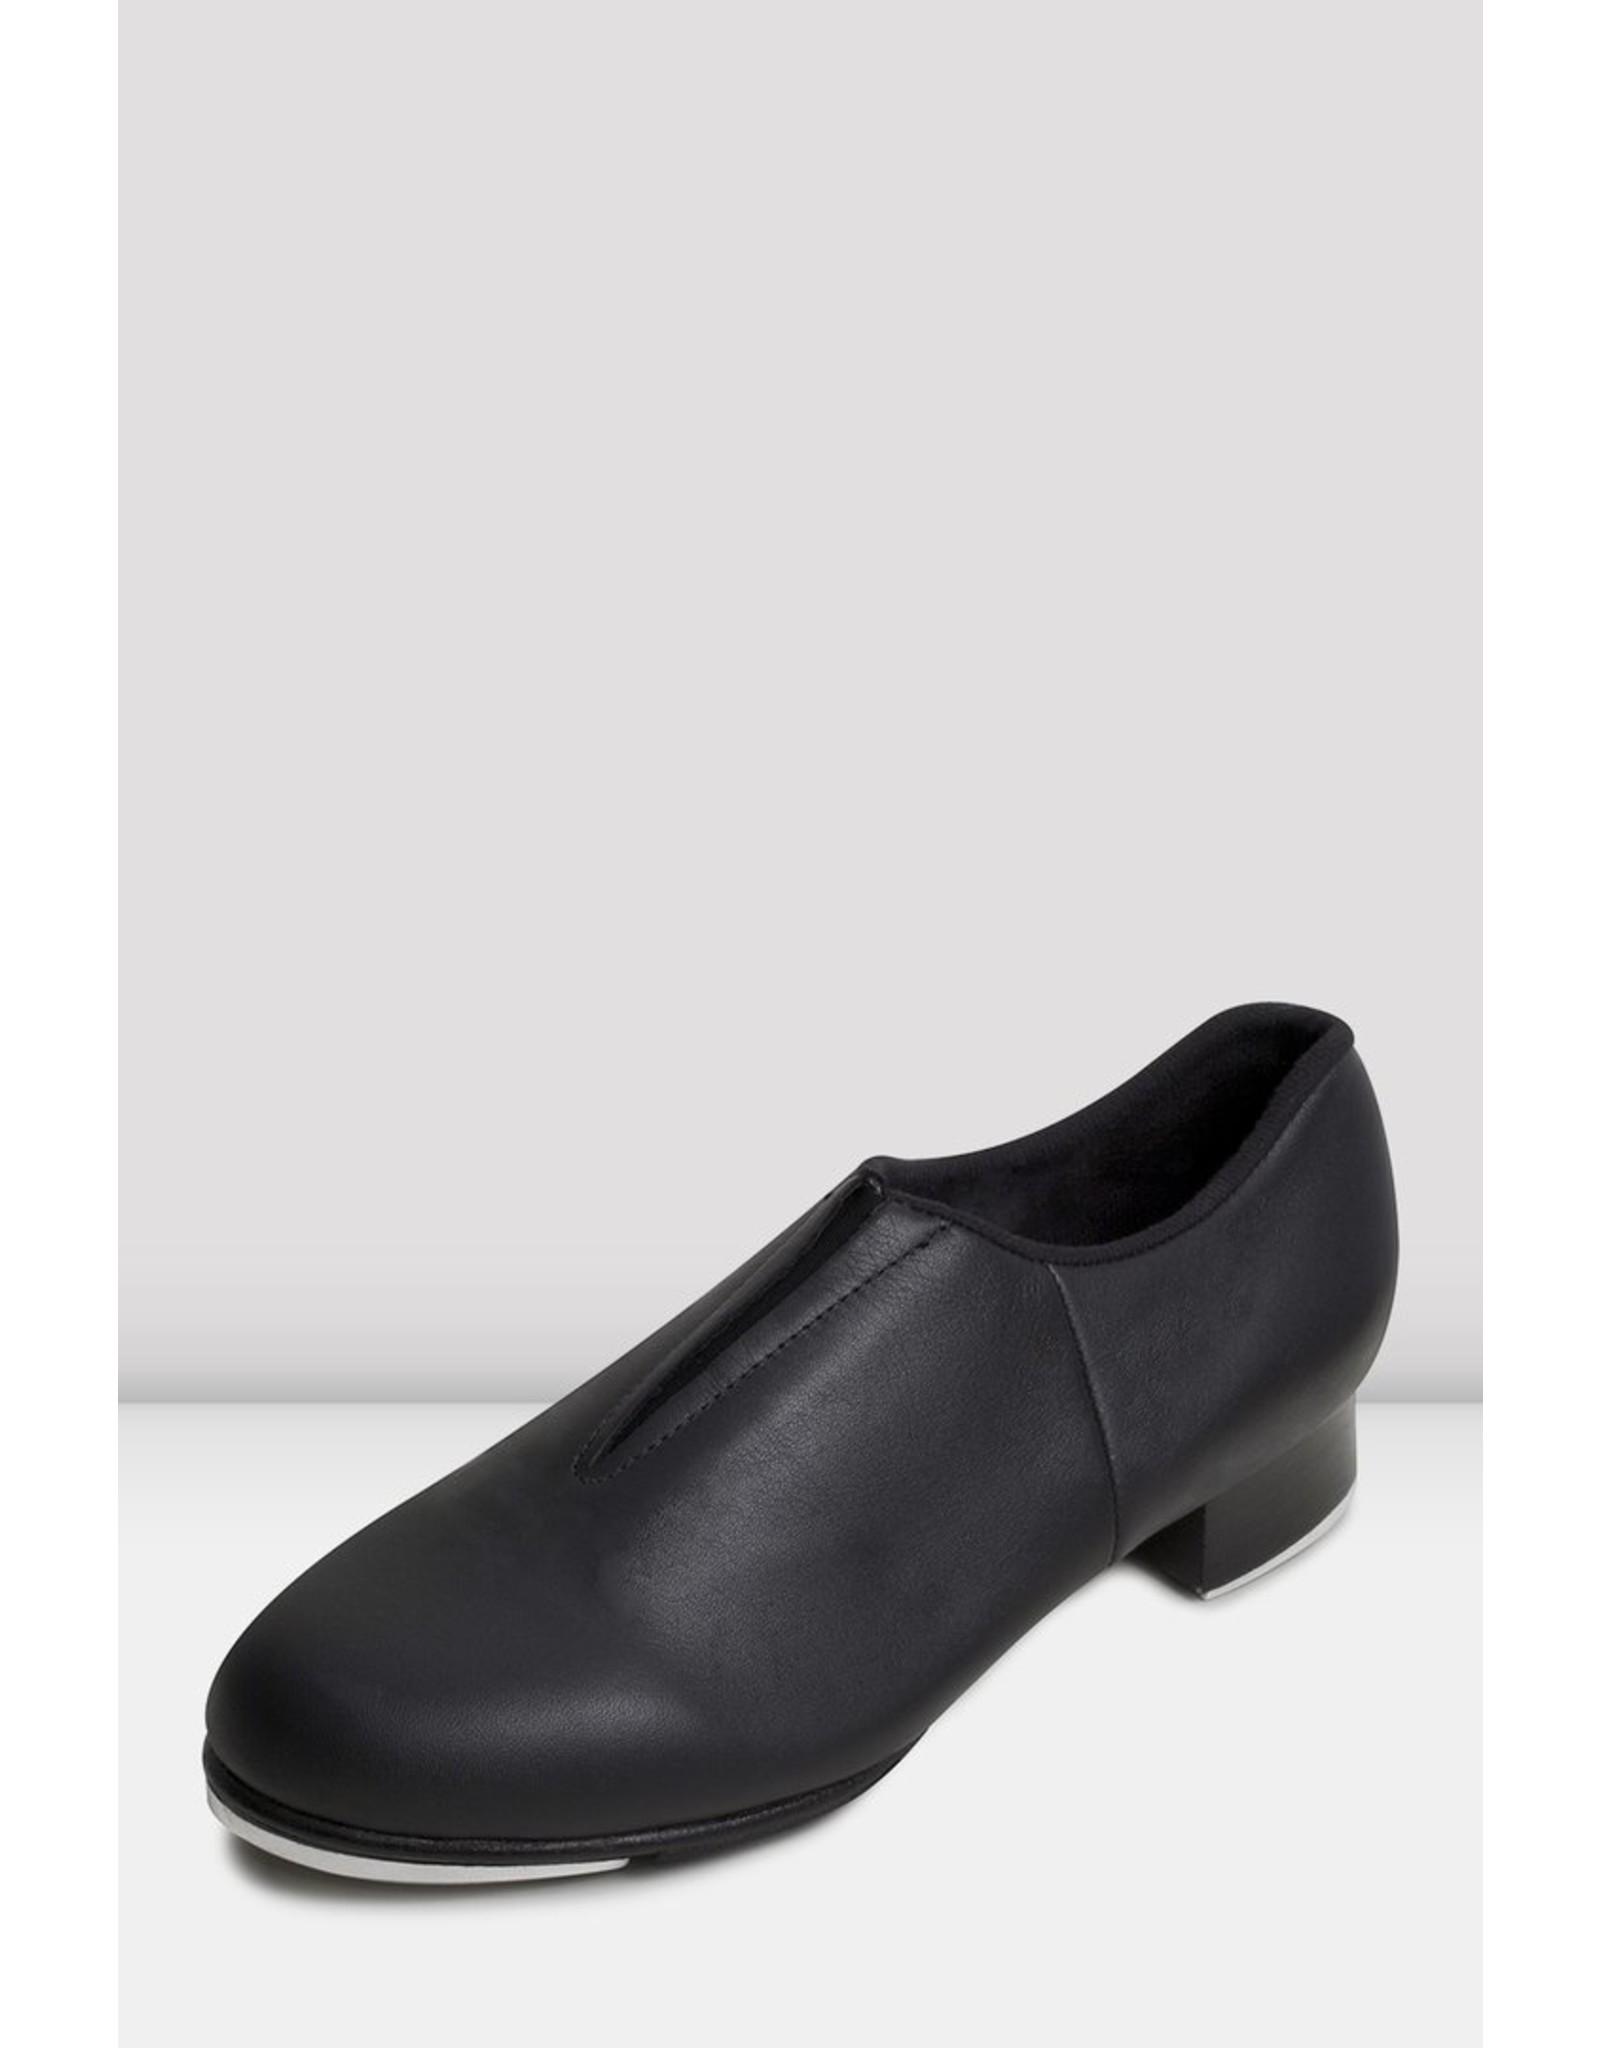 Bloch S0388L Tapflex Tap Shoe  BLACK